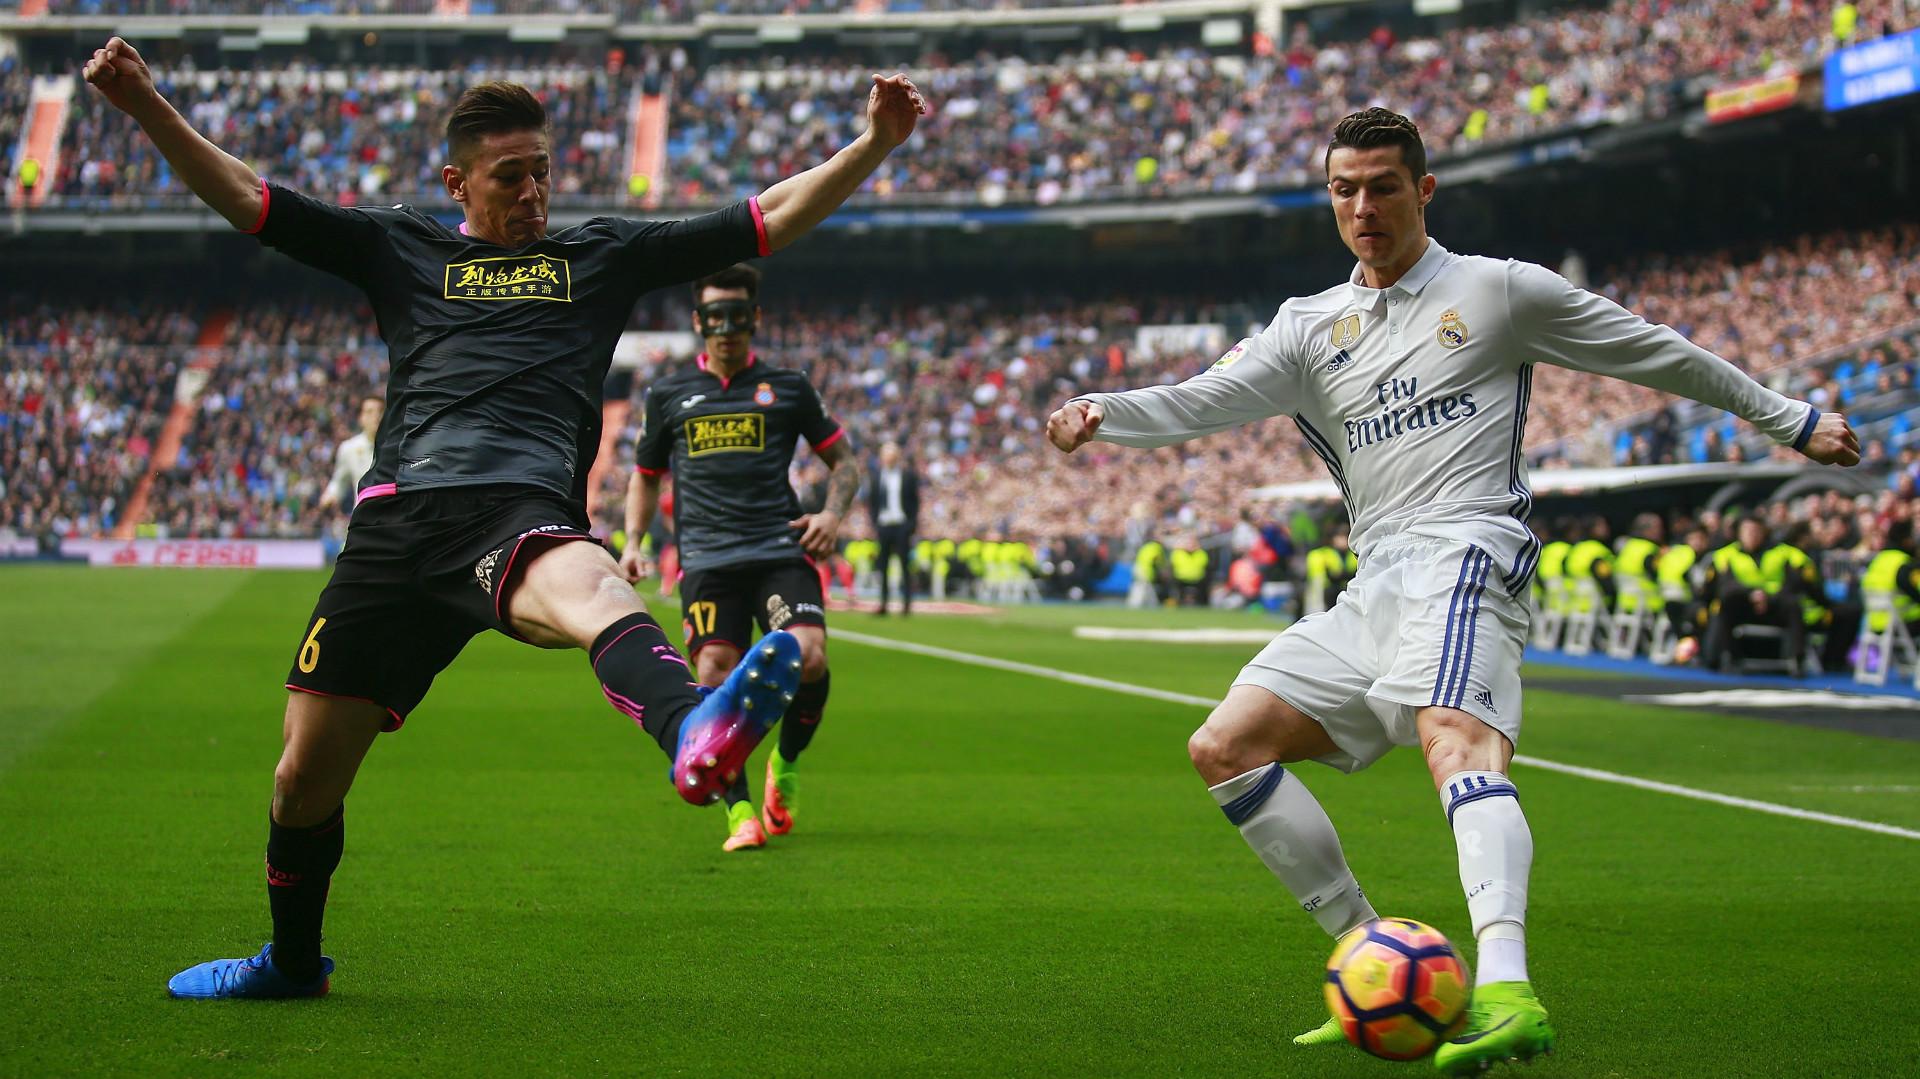 Oscar Duarte Espanyol Cristiano Ronaldo Real Madrid